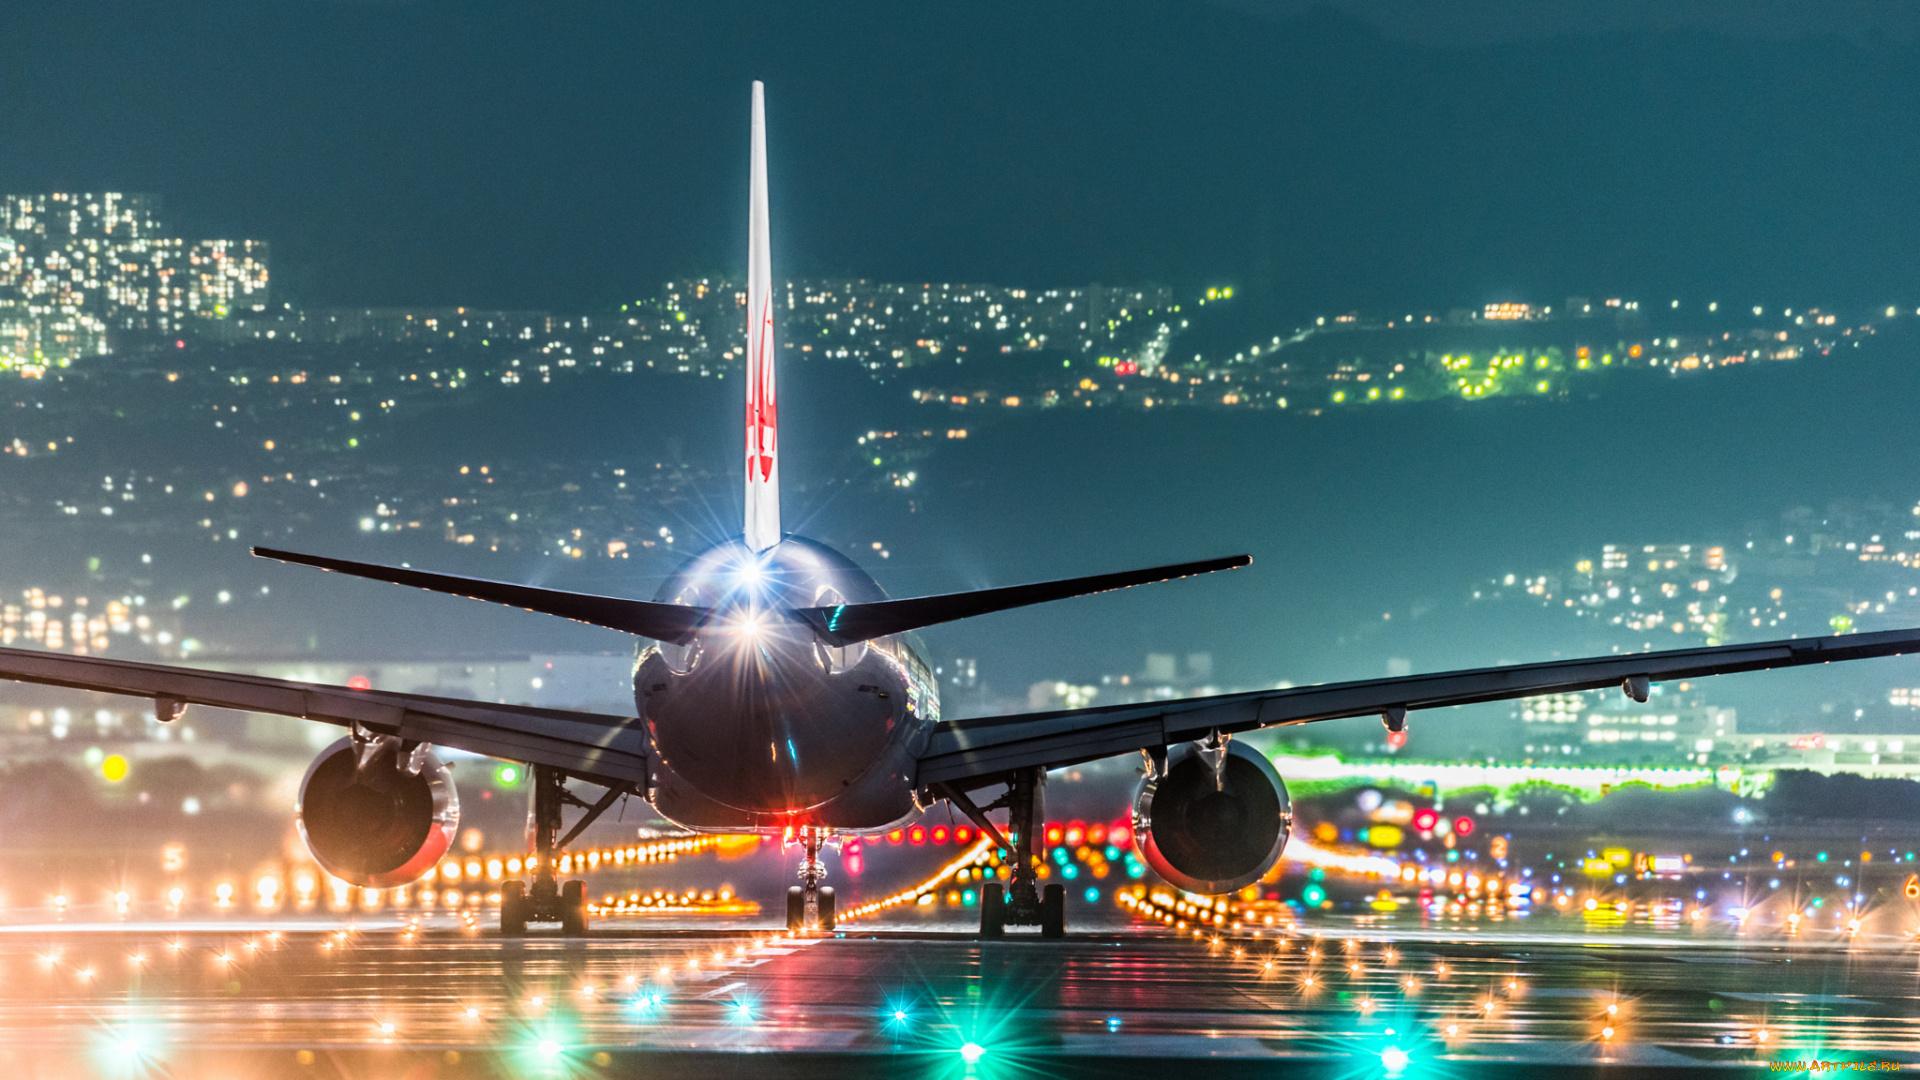 действительно картинка с удачным полетом на самолете занимается строительством